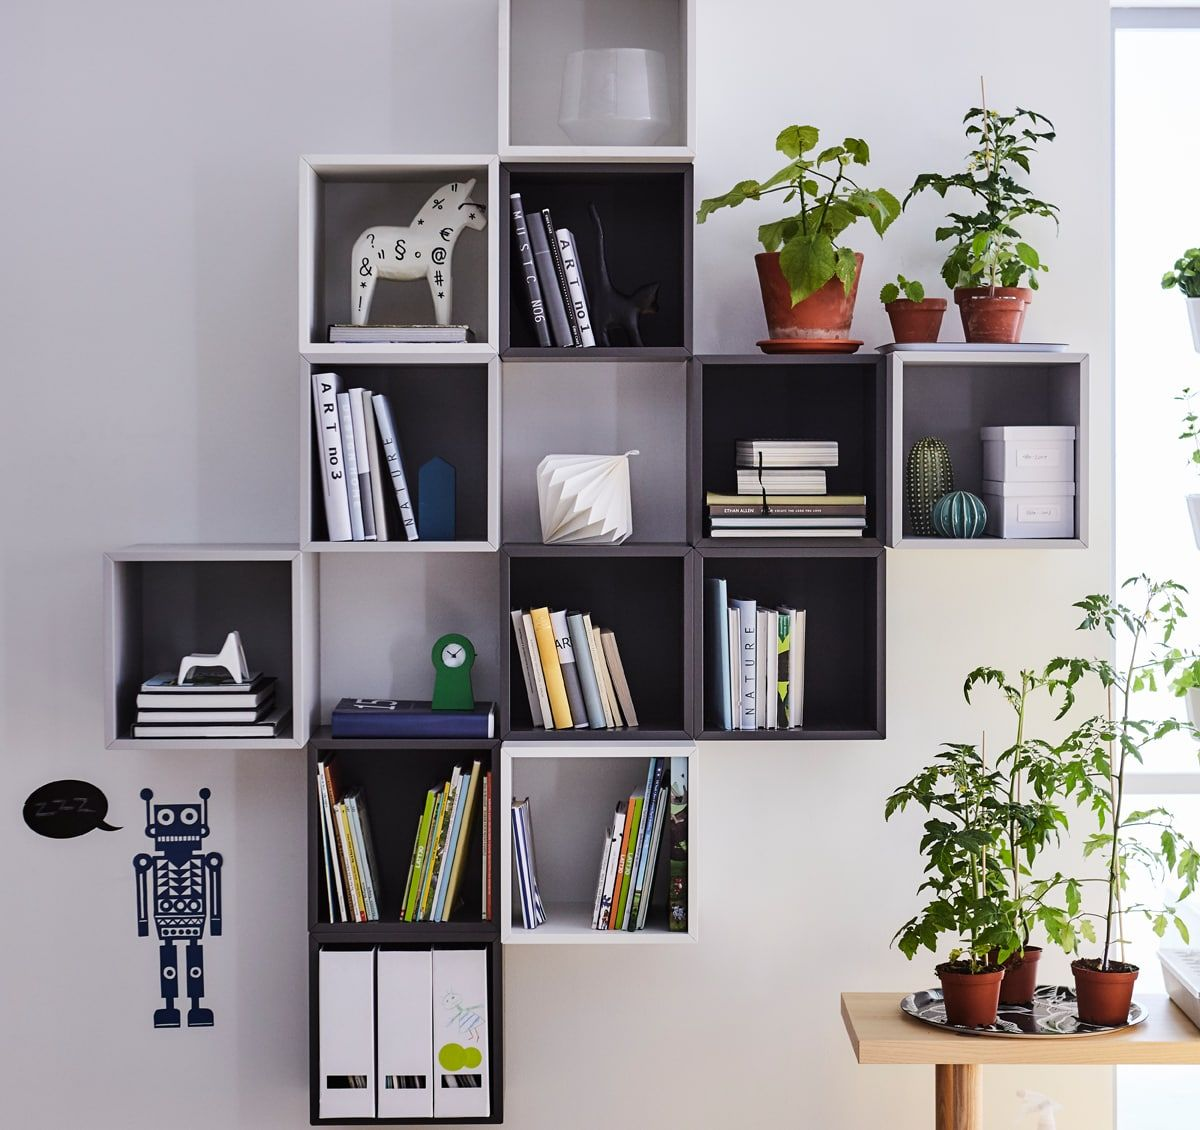 Full Size of Offene Wohnzimmeraufbewahrung Ideen Wohnzimmerschrnke Betten Ikea 160x200 Küche Kaufen Kosten Bei Modulküche Sofa Mit Schlaffunktion Miniküche Wohnzimmer Wohnzimmerschränke Ikea